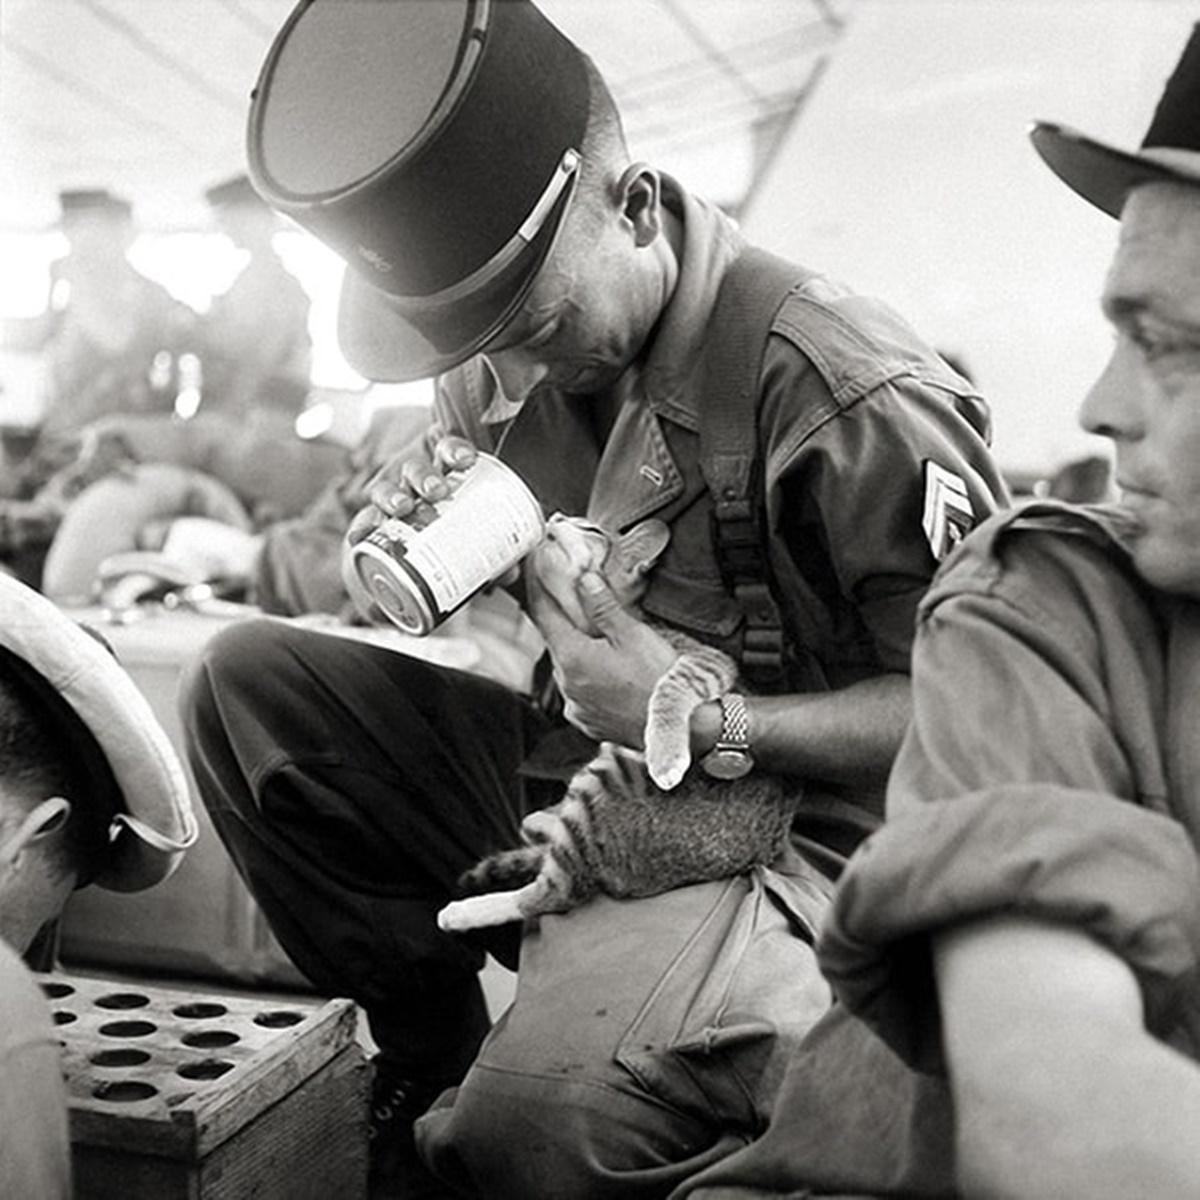 soldato dà da mangiare a gatto